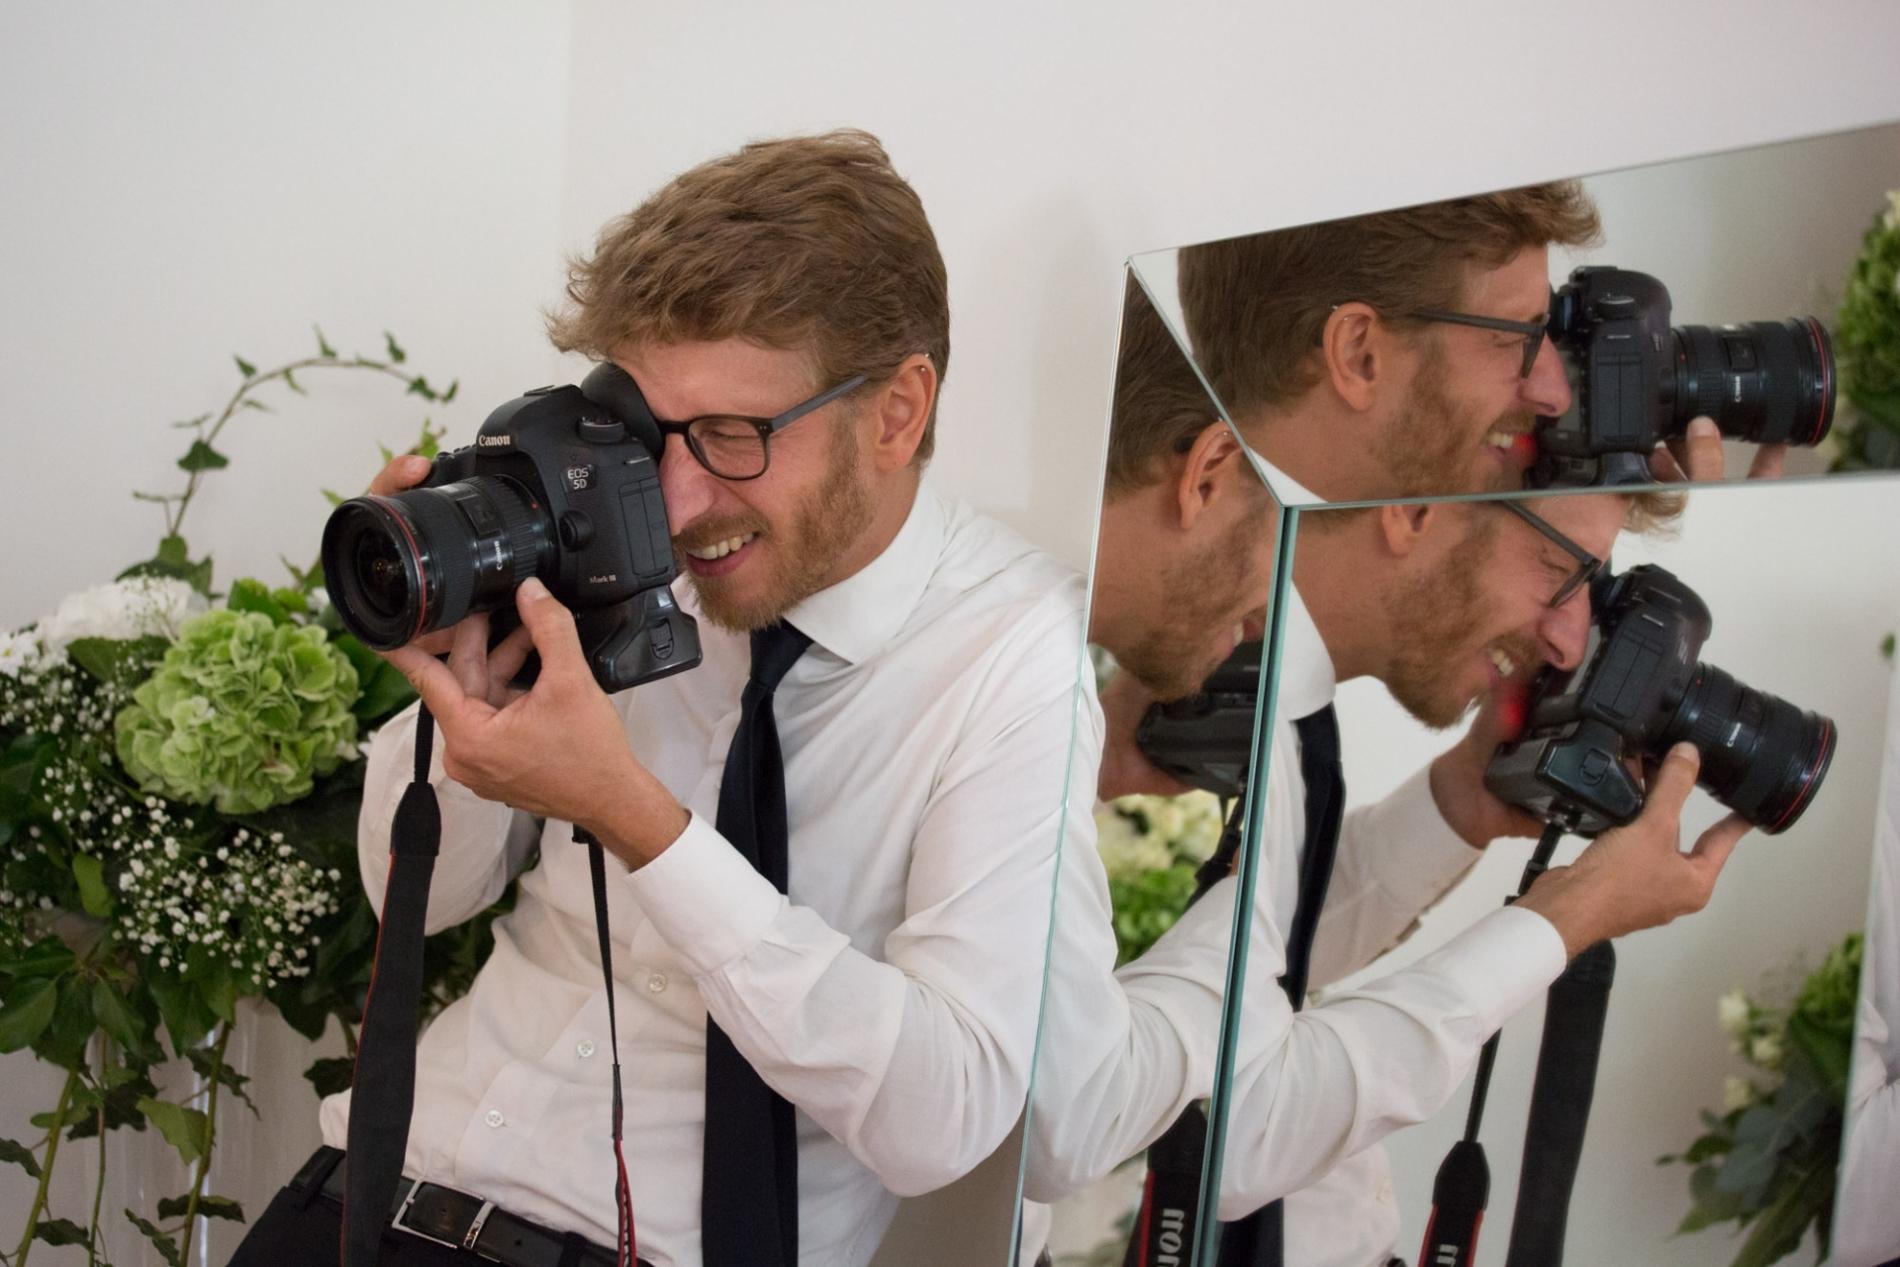 Foto von Stefano Snaidero, Hochzeitsfotograf aus Rom.